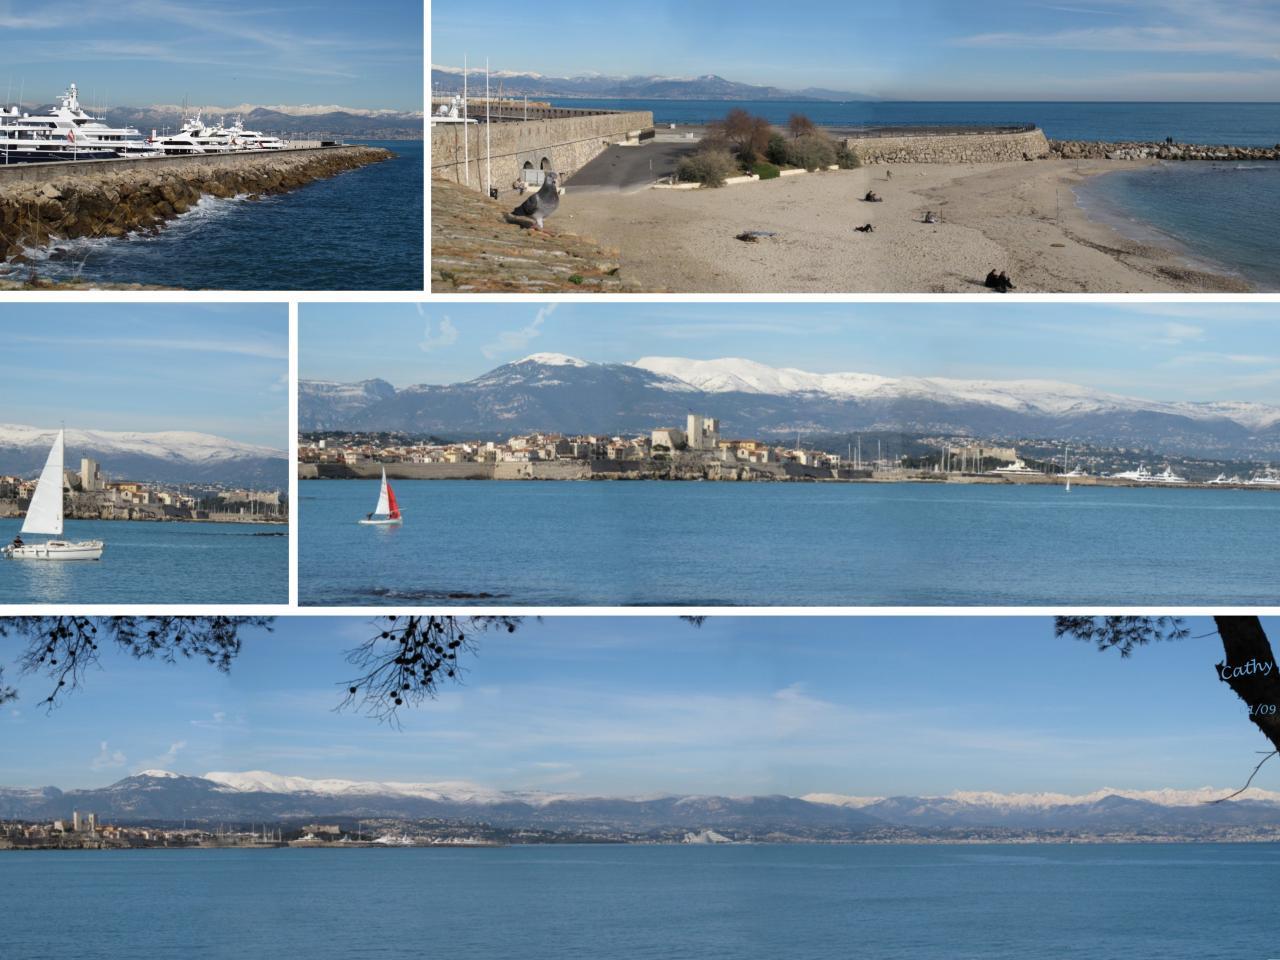 bleu comme ... mon panoramique sur Antibes